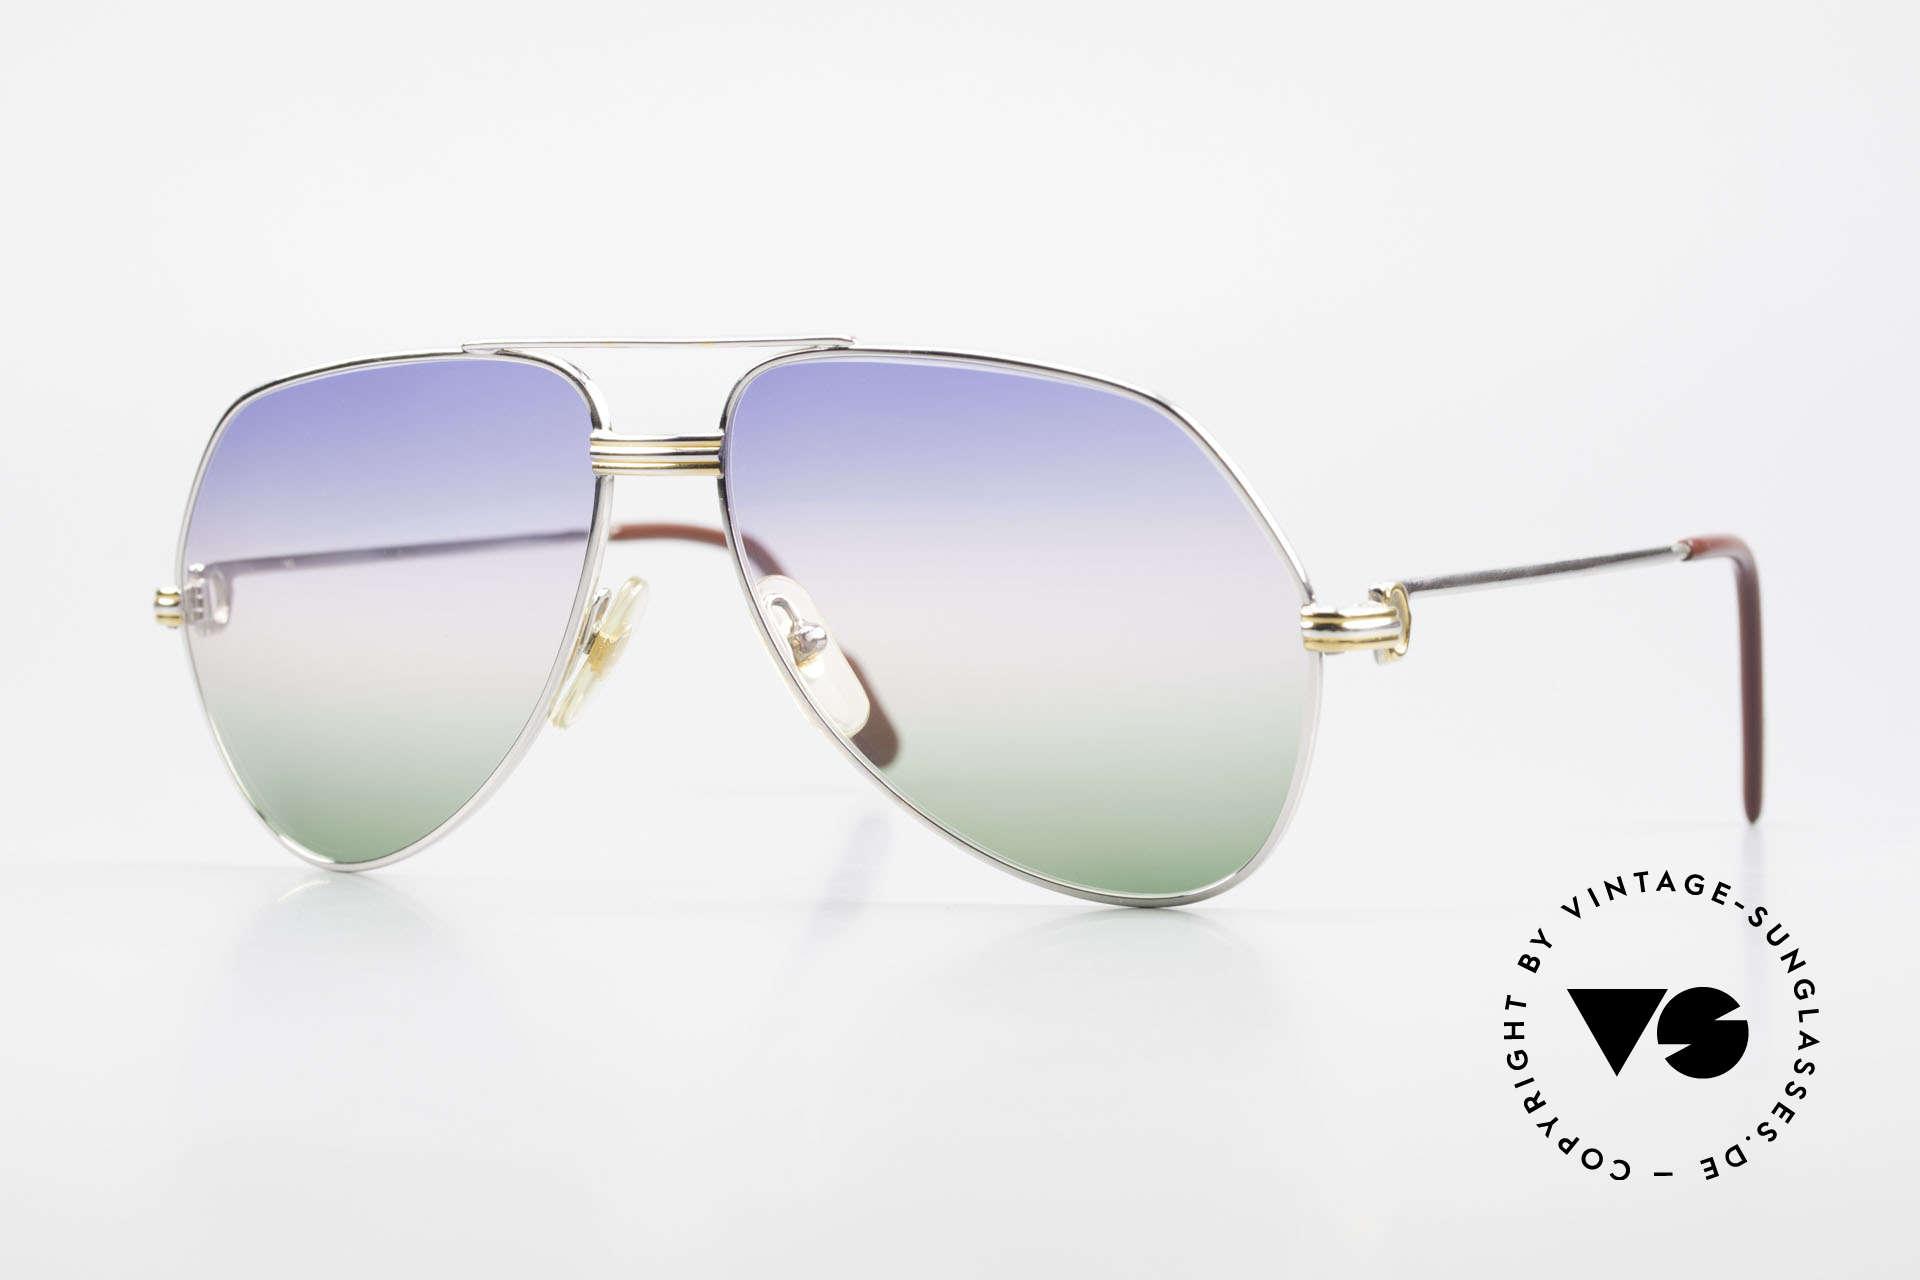 Cartier Vendome LC - M Platin 80er Brille Aviator, Vendome = das berühmteste Brillendesign von CARTIER, Passend für Herren